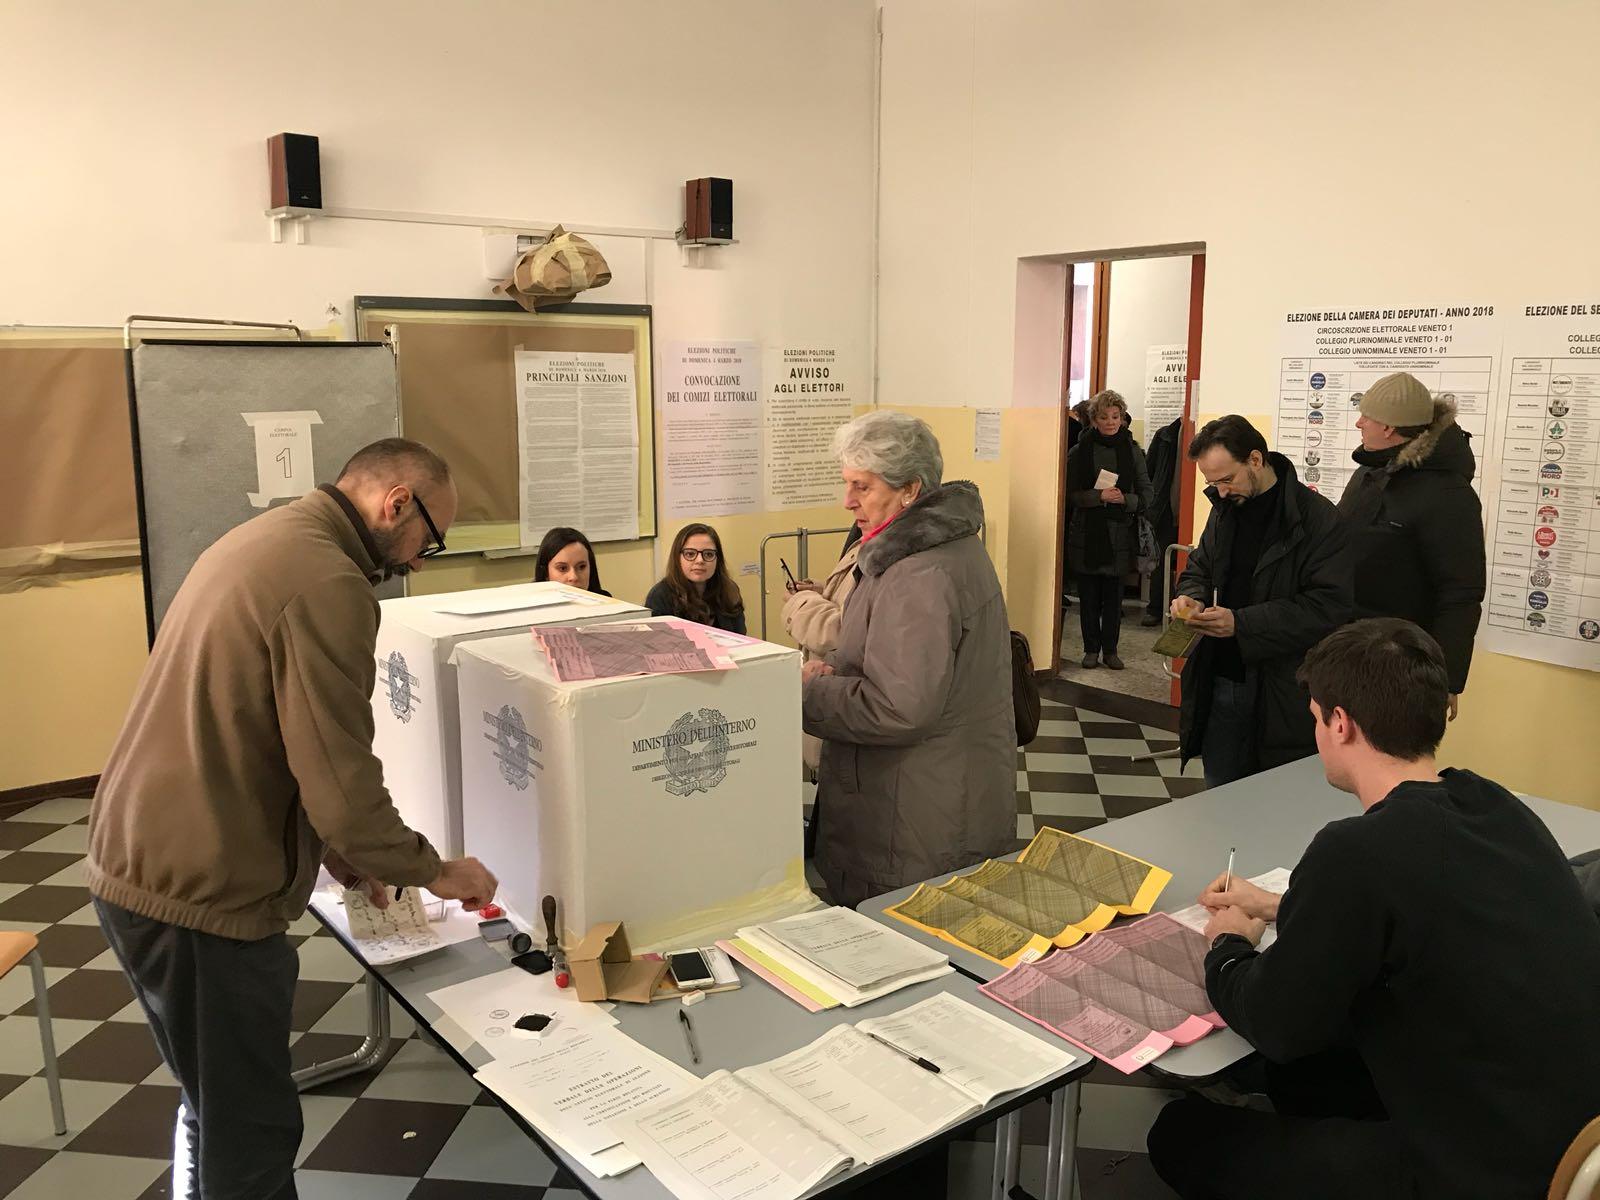 Ufficio Lavoro Mestre : Votazioni a mestre: tanta coda e qualche problema il sestante news